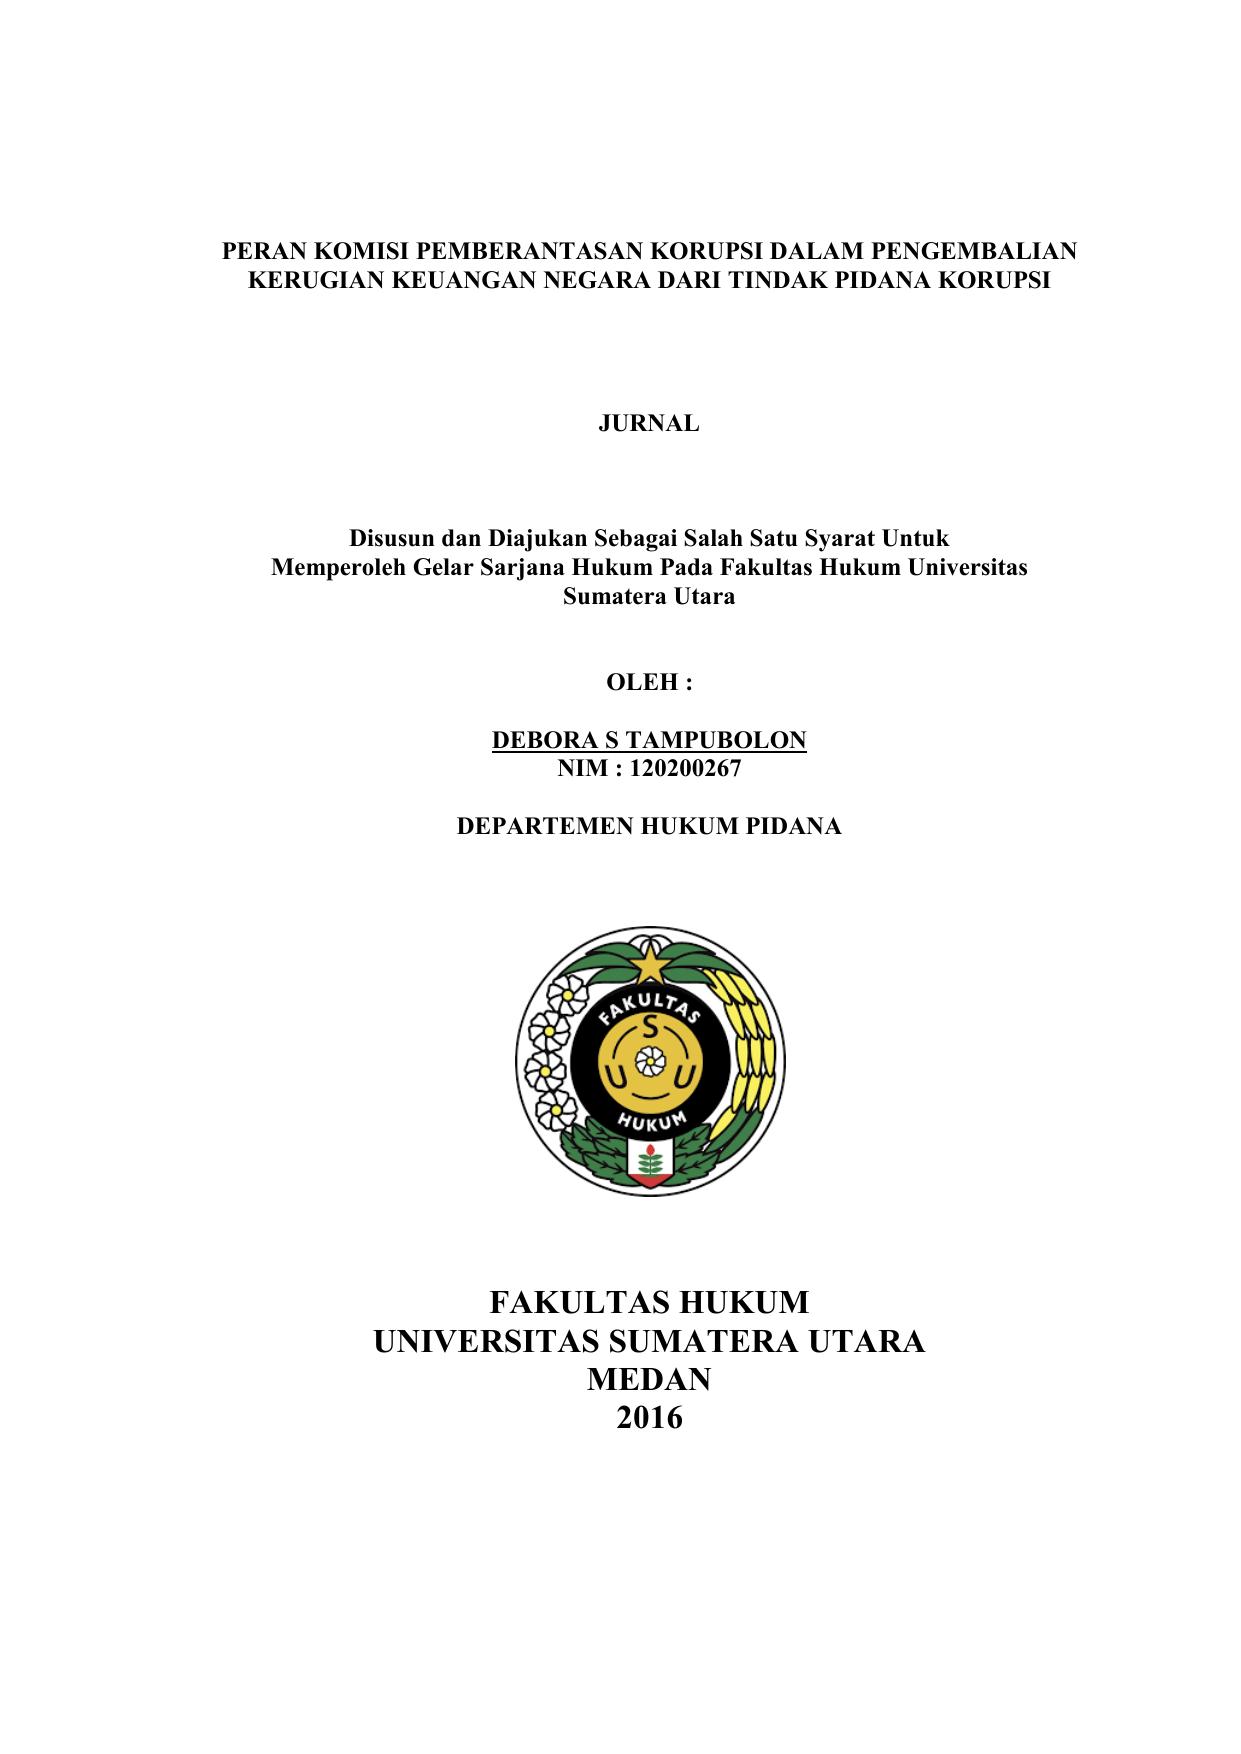 Skripsi Fakultas Hukum Usu Ide Judul Skripsi Universitas